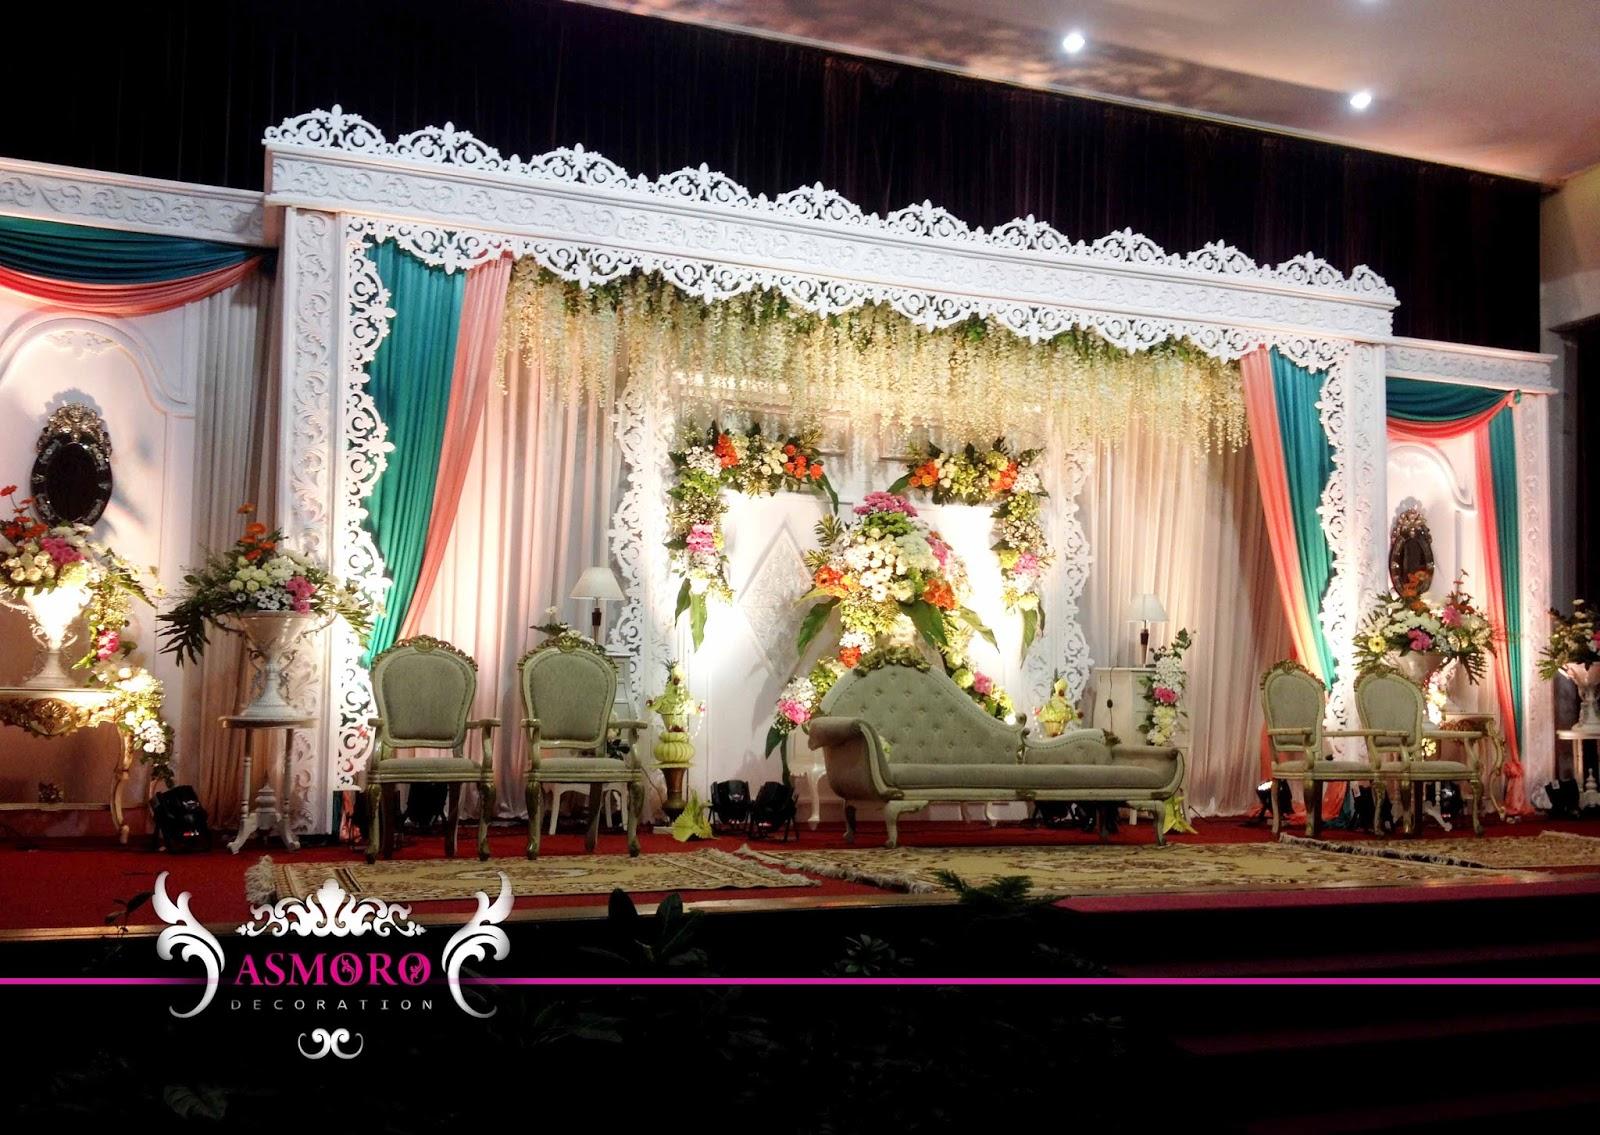 Dekorasi solo asmoro decoration dekorasi untuk mbak for Asmoro decoration